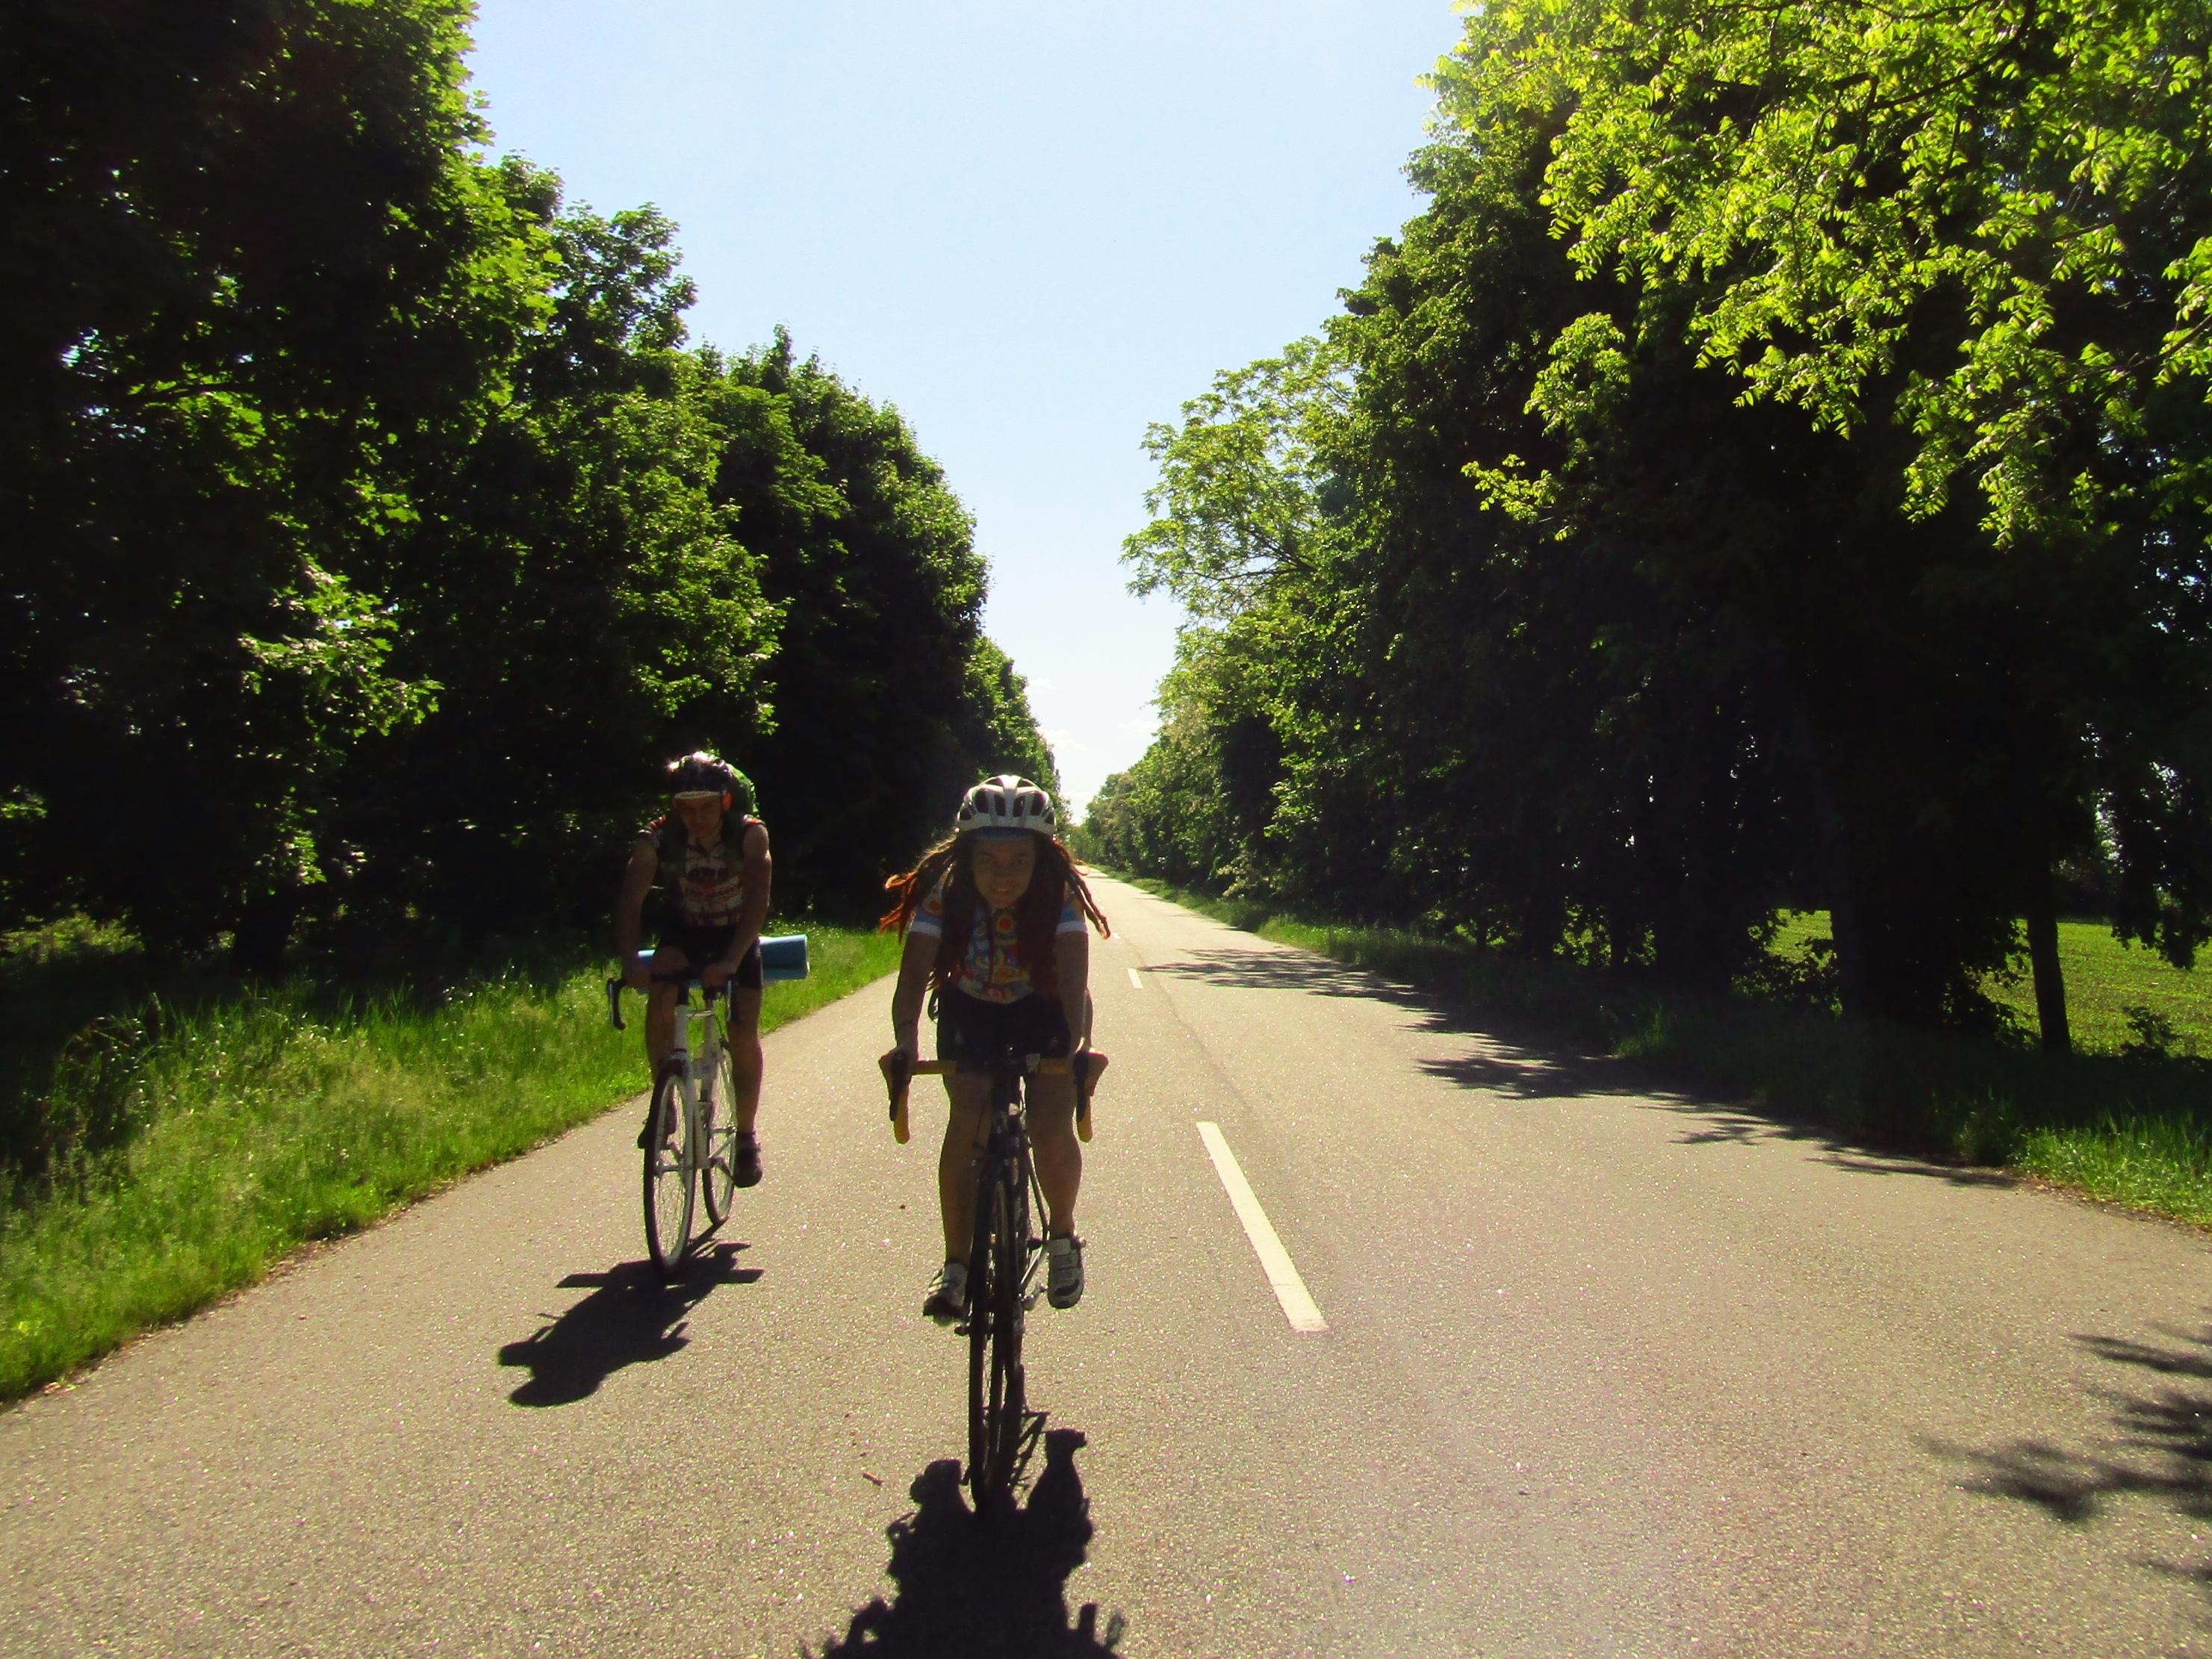 Чоловік їде на велосипеді по грунтовій дорозі